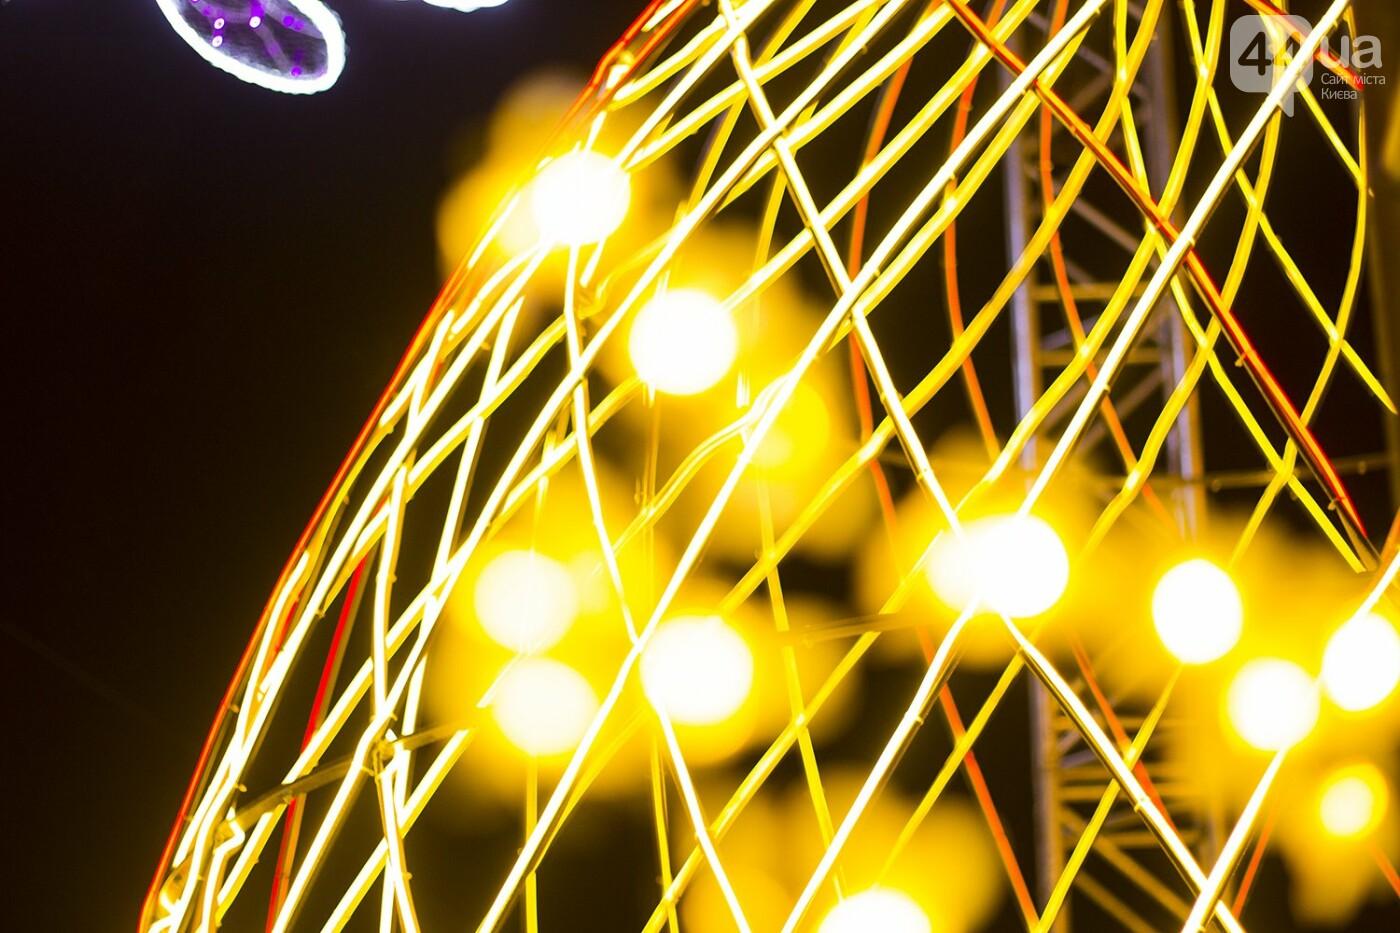 Пасхальная иллюминация: как выглядит фестиваль писанок ночью, фото-10